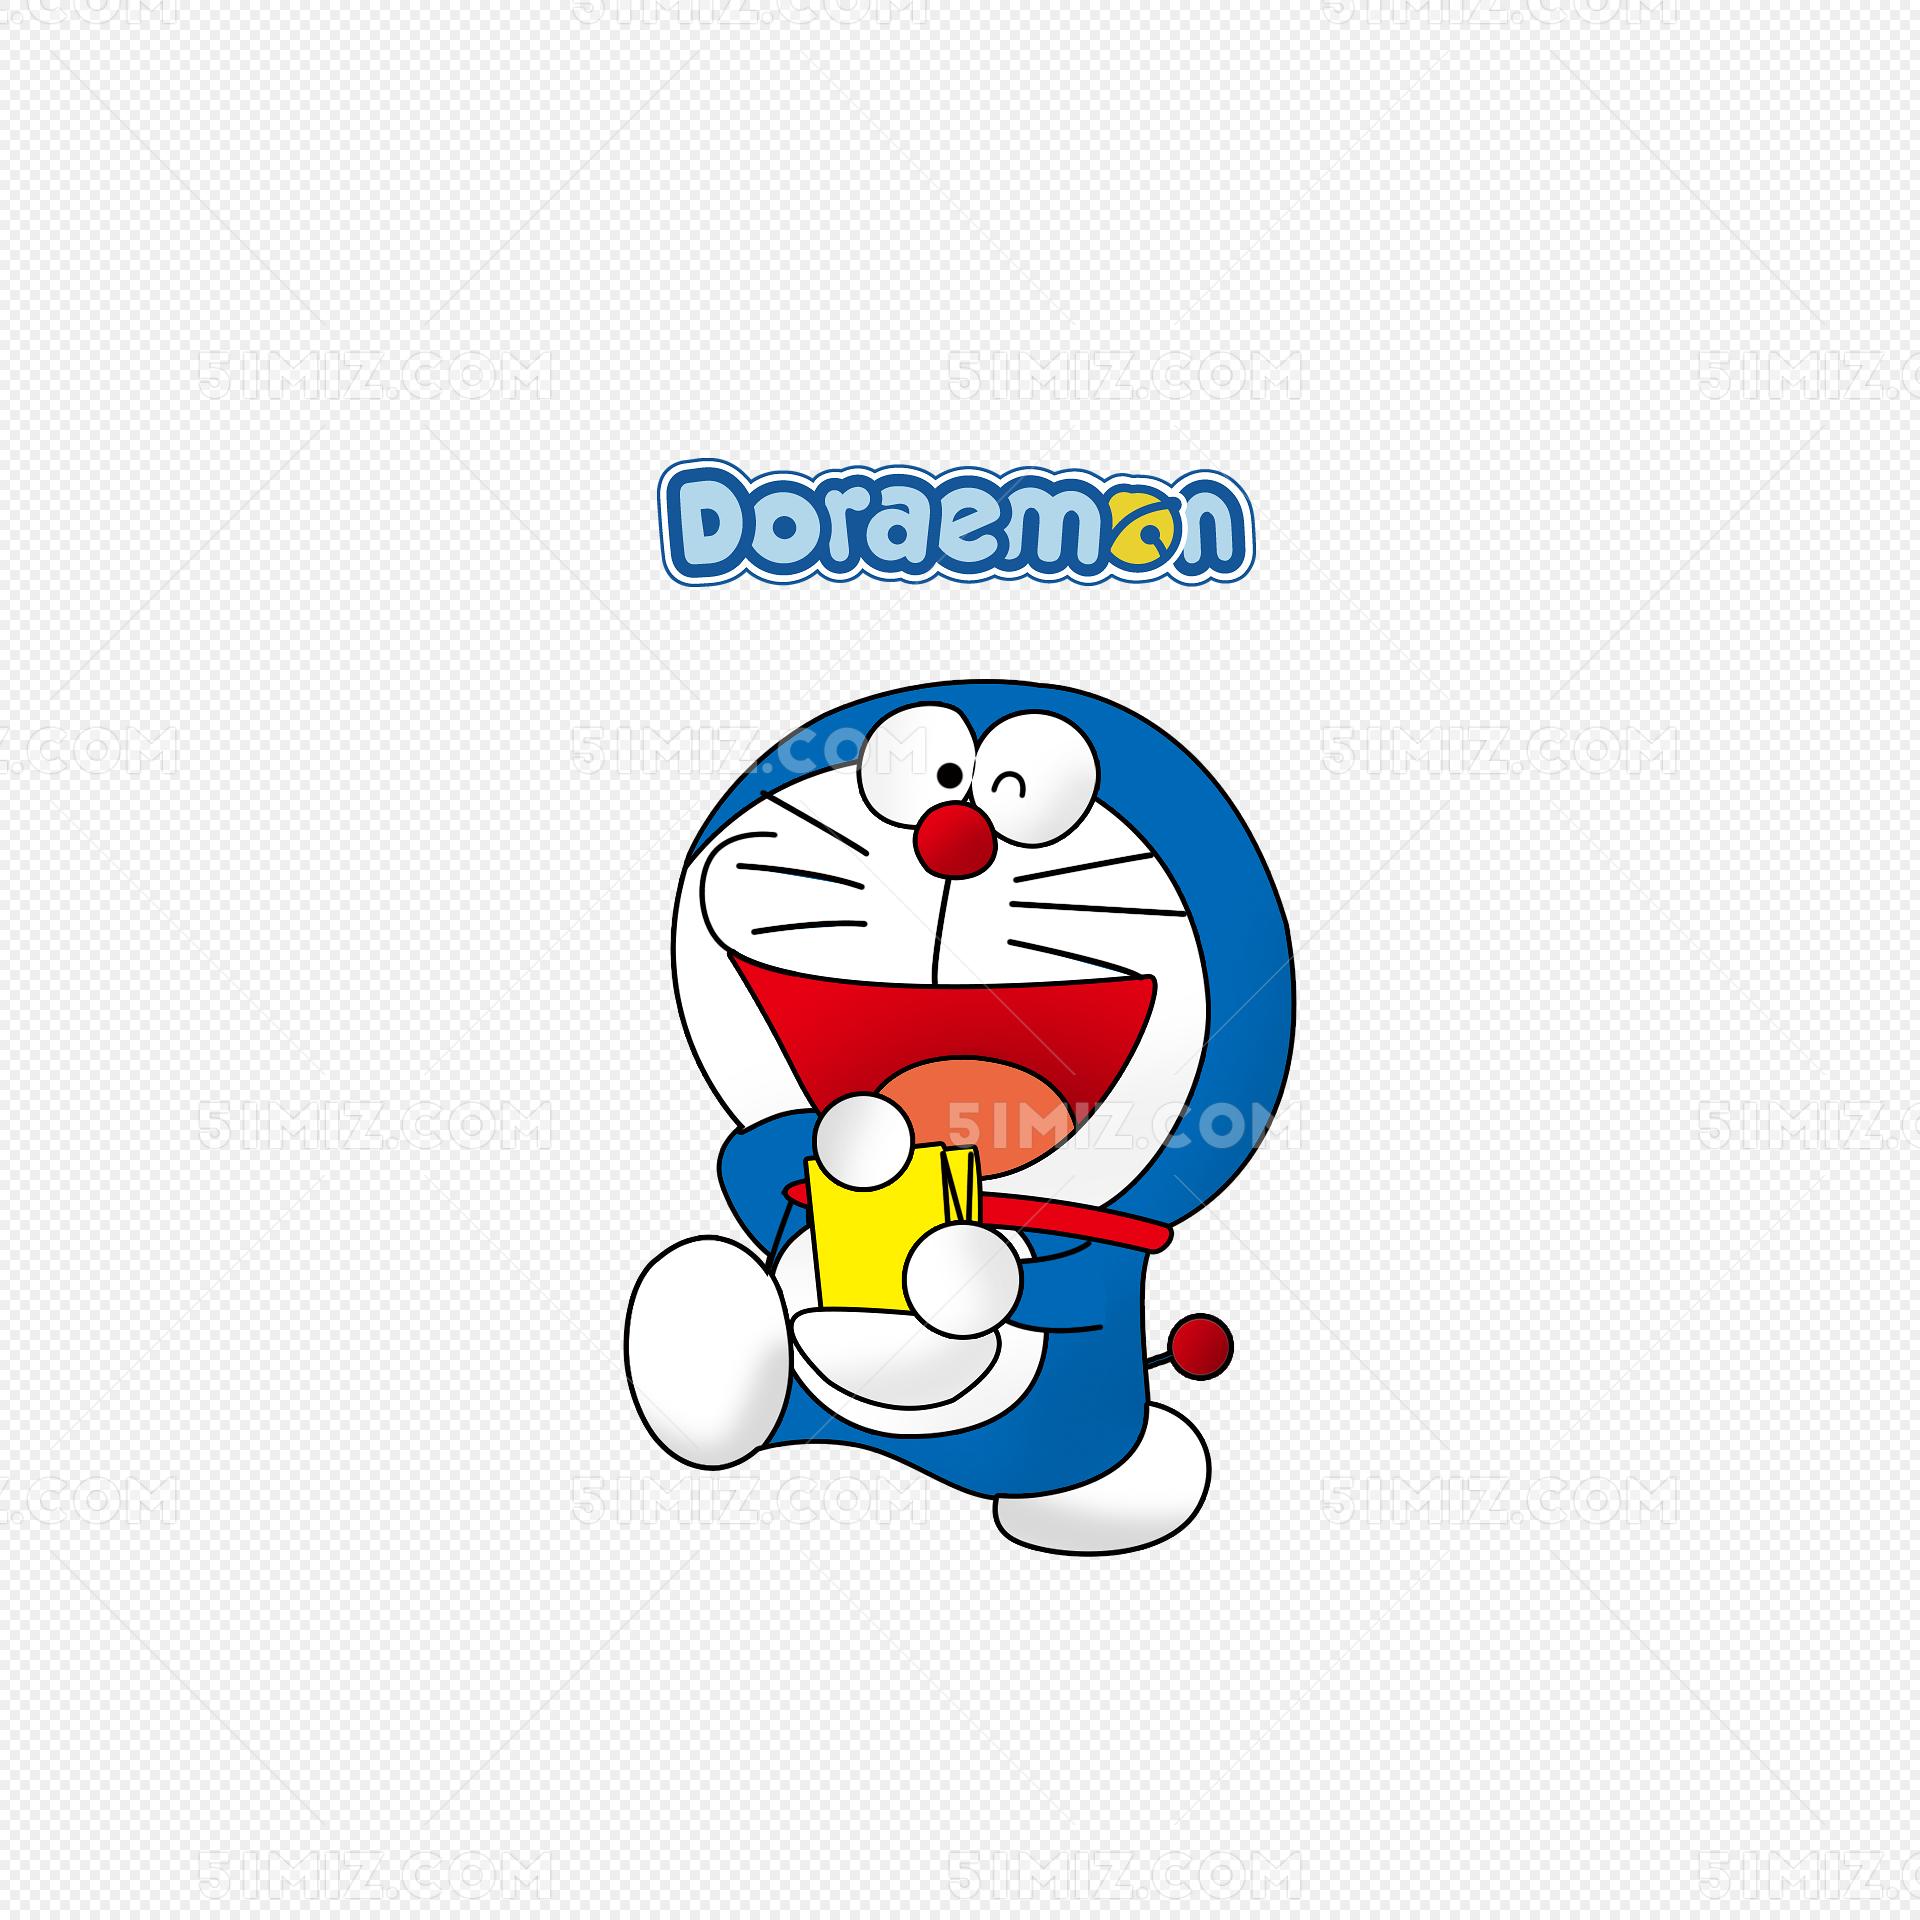 卡通哆啦A梦图片素材免费下载 觅知网图片